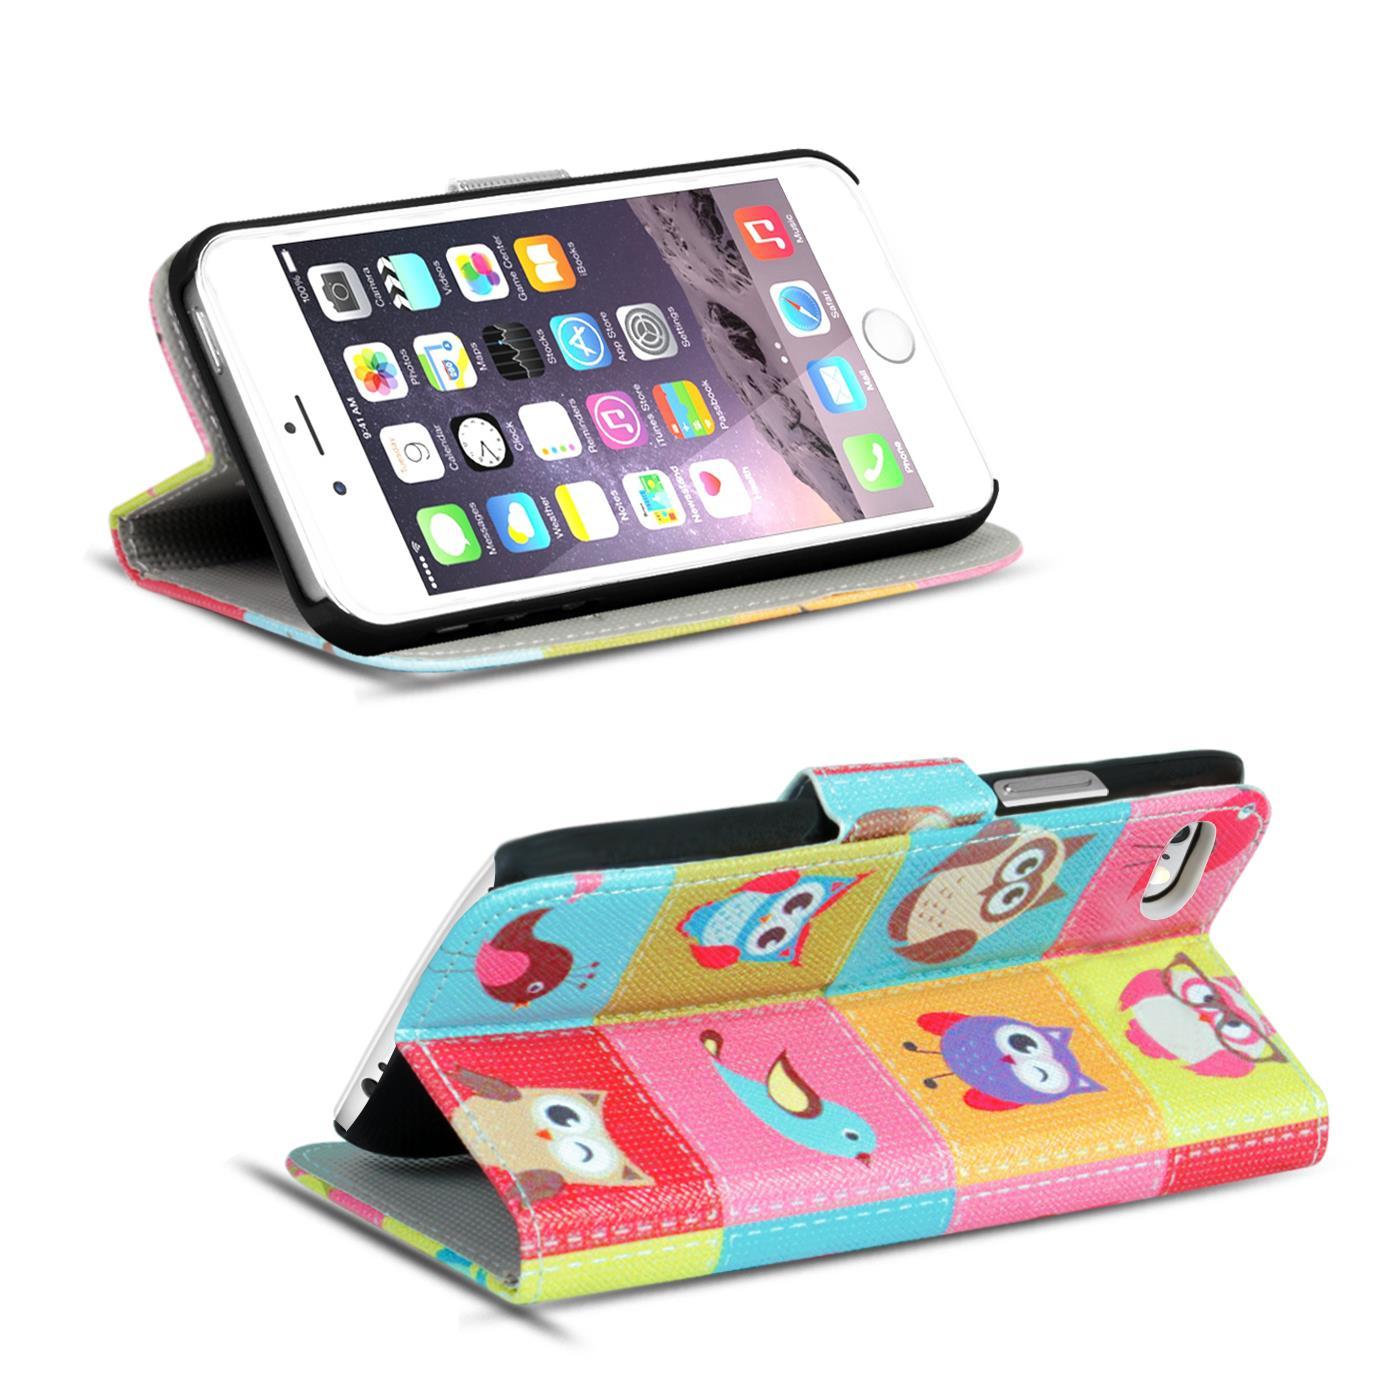 Handy-Huelle-Apple-iPhone-8-Plus-Flip-Cover-Case-Schutz-Tasche-Etui-Motiv-Wallet Indexbild 60